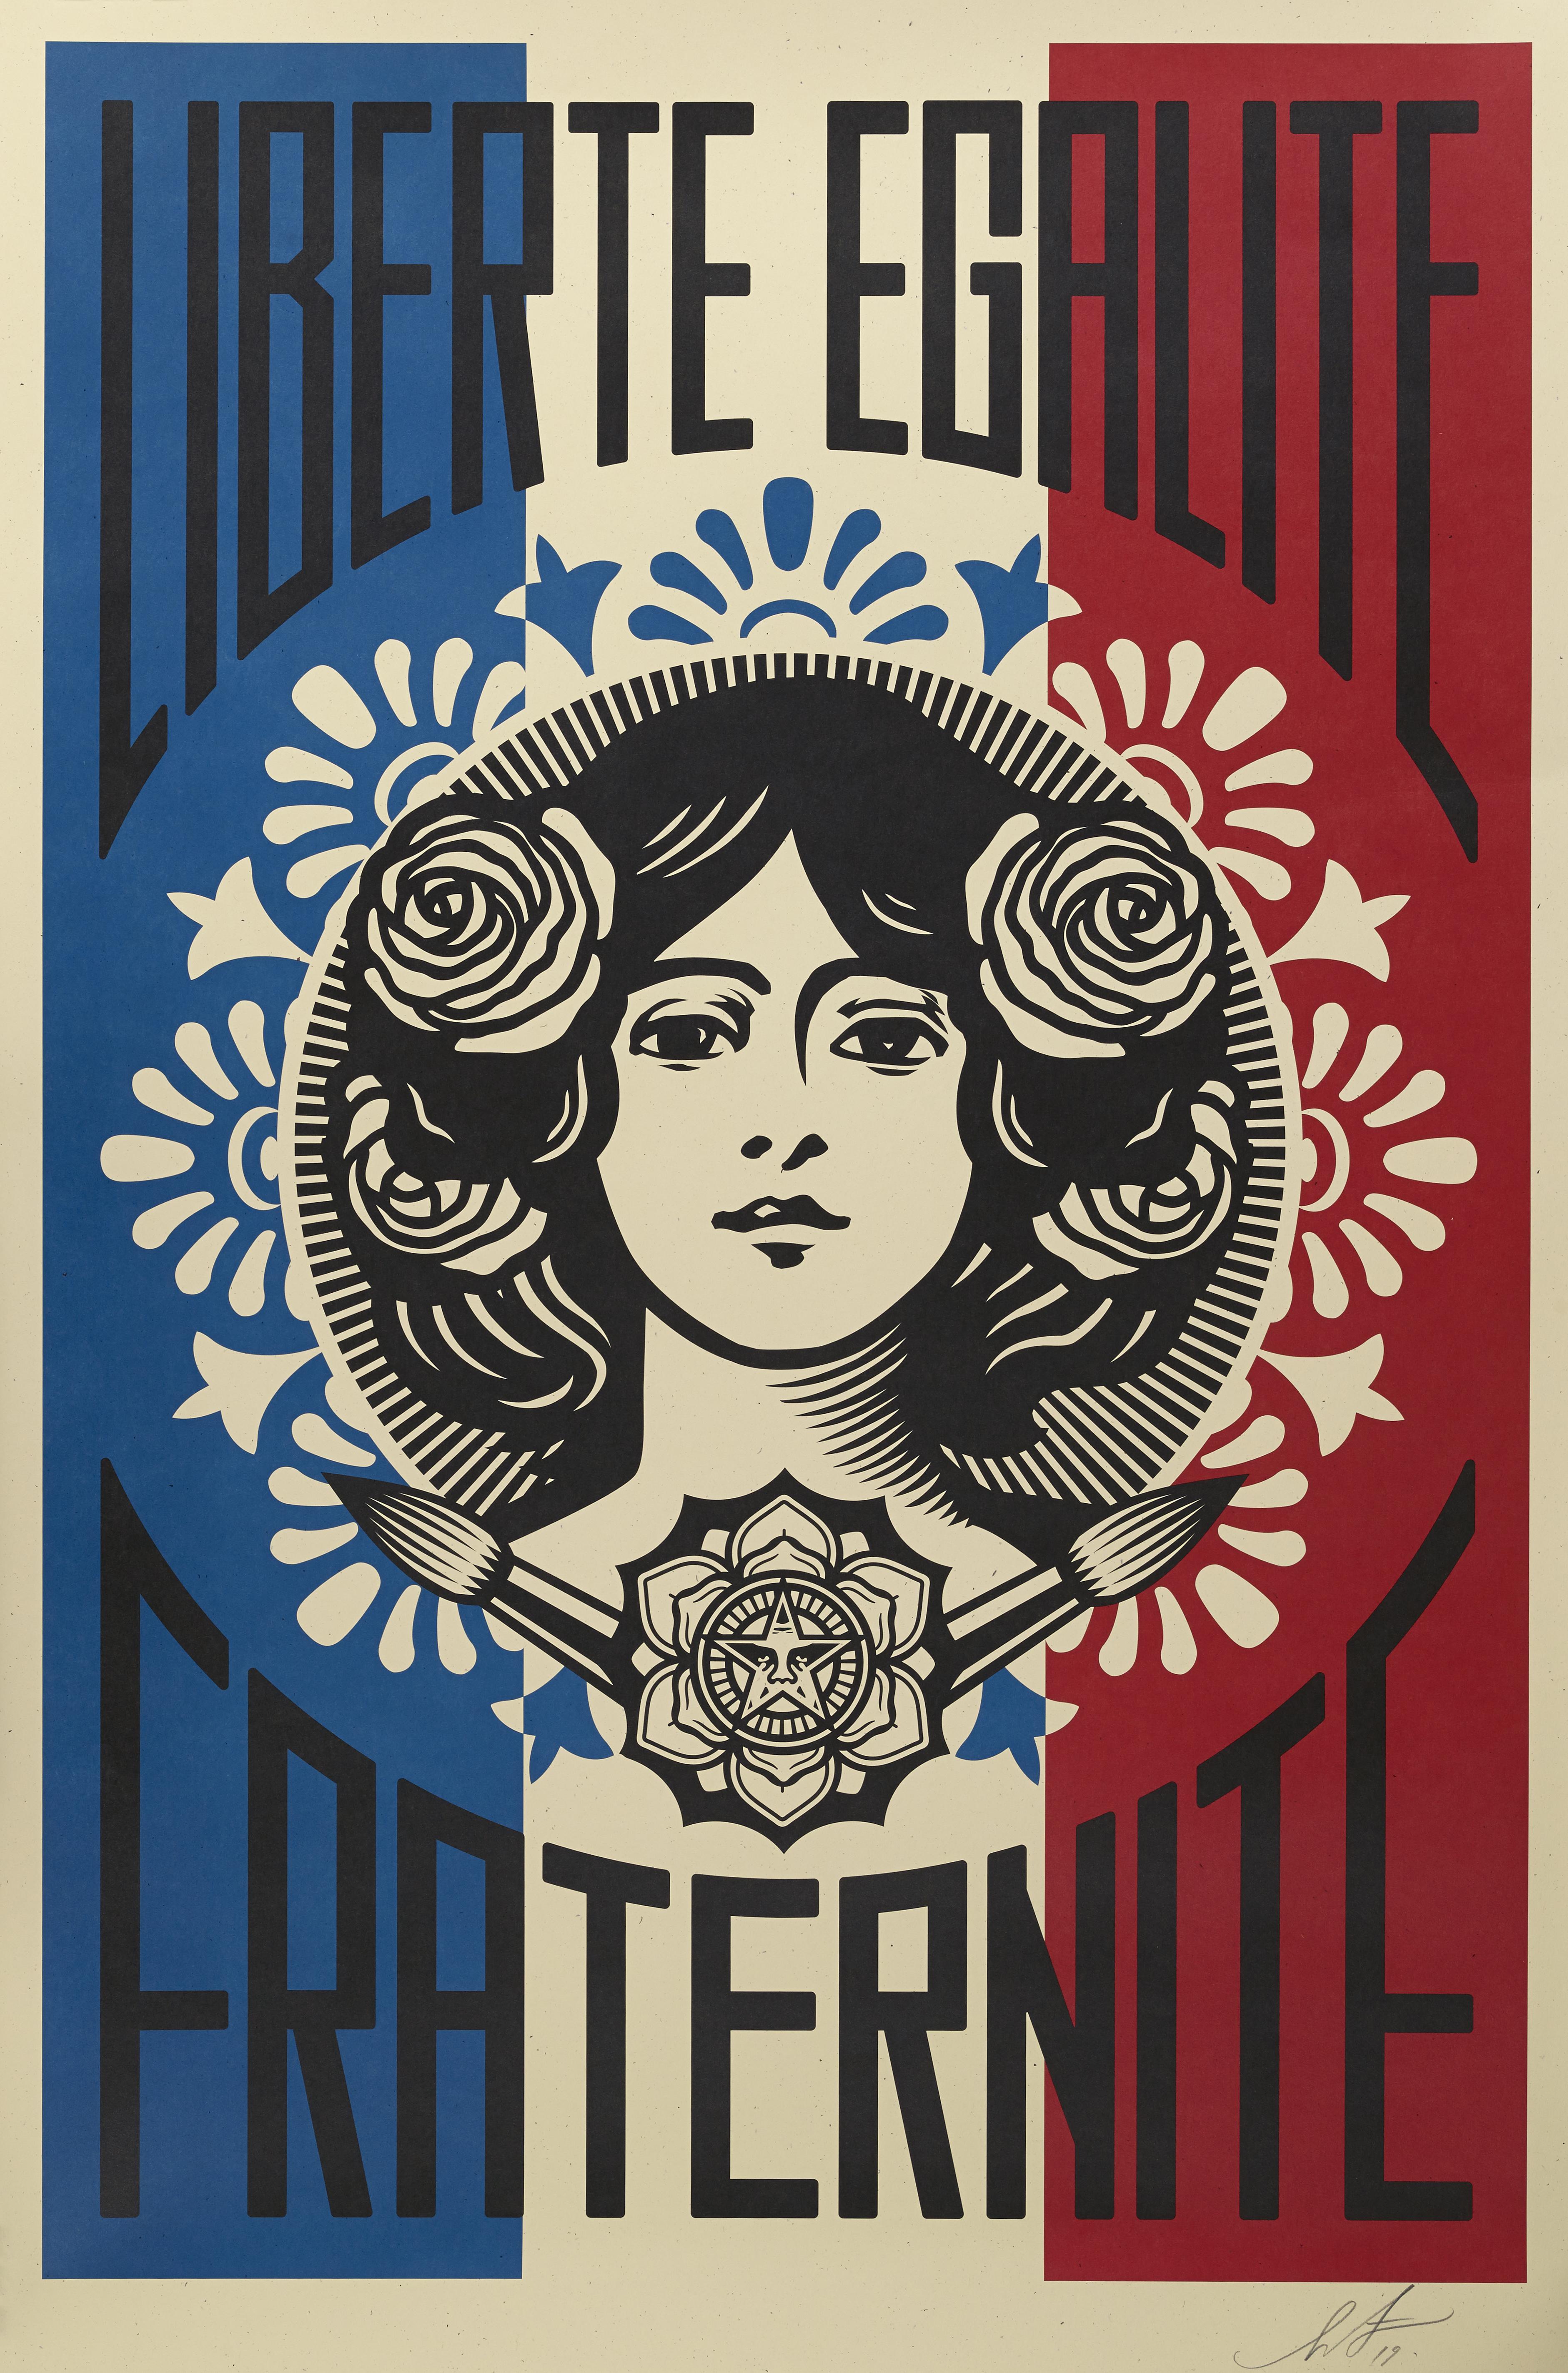 Lot 12 - Shepard FAIREY dit OBEY (1970) - Liberté, égalité, fraternité- Affiche [...]